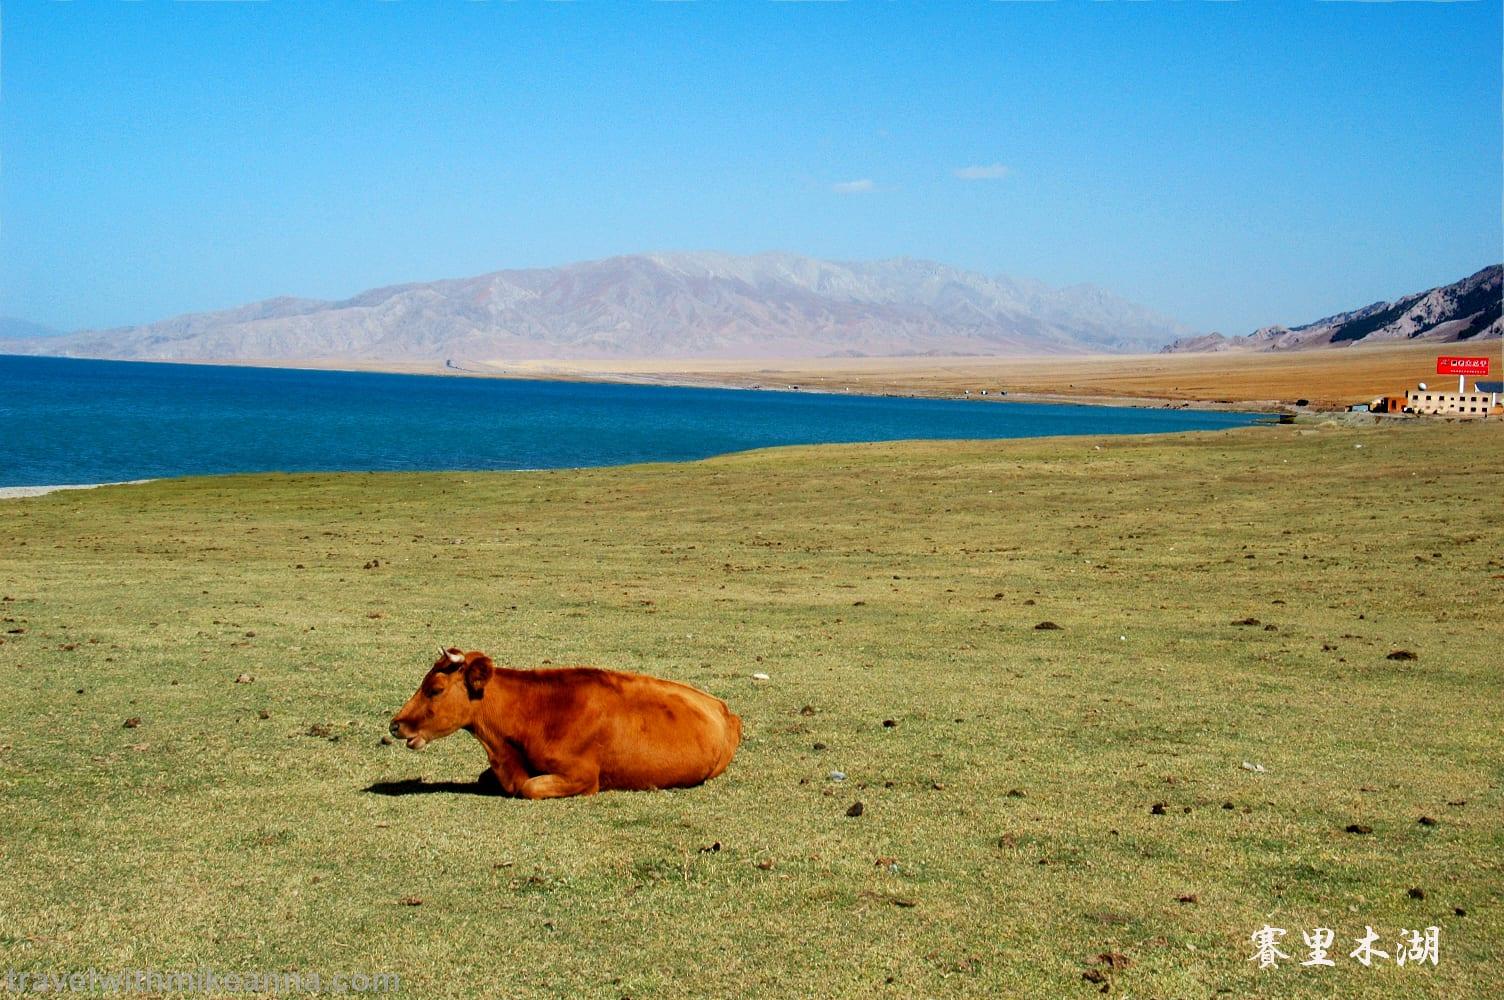 賽里木湖 中國 新疆 北疆 旅遊 攝影 照片 遊記 china xinjiang photo photography travel